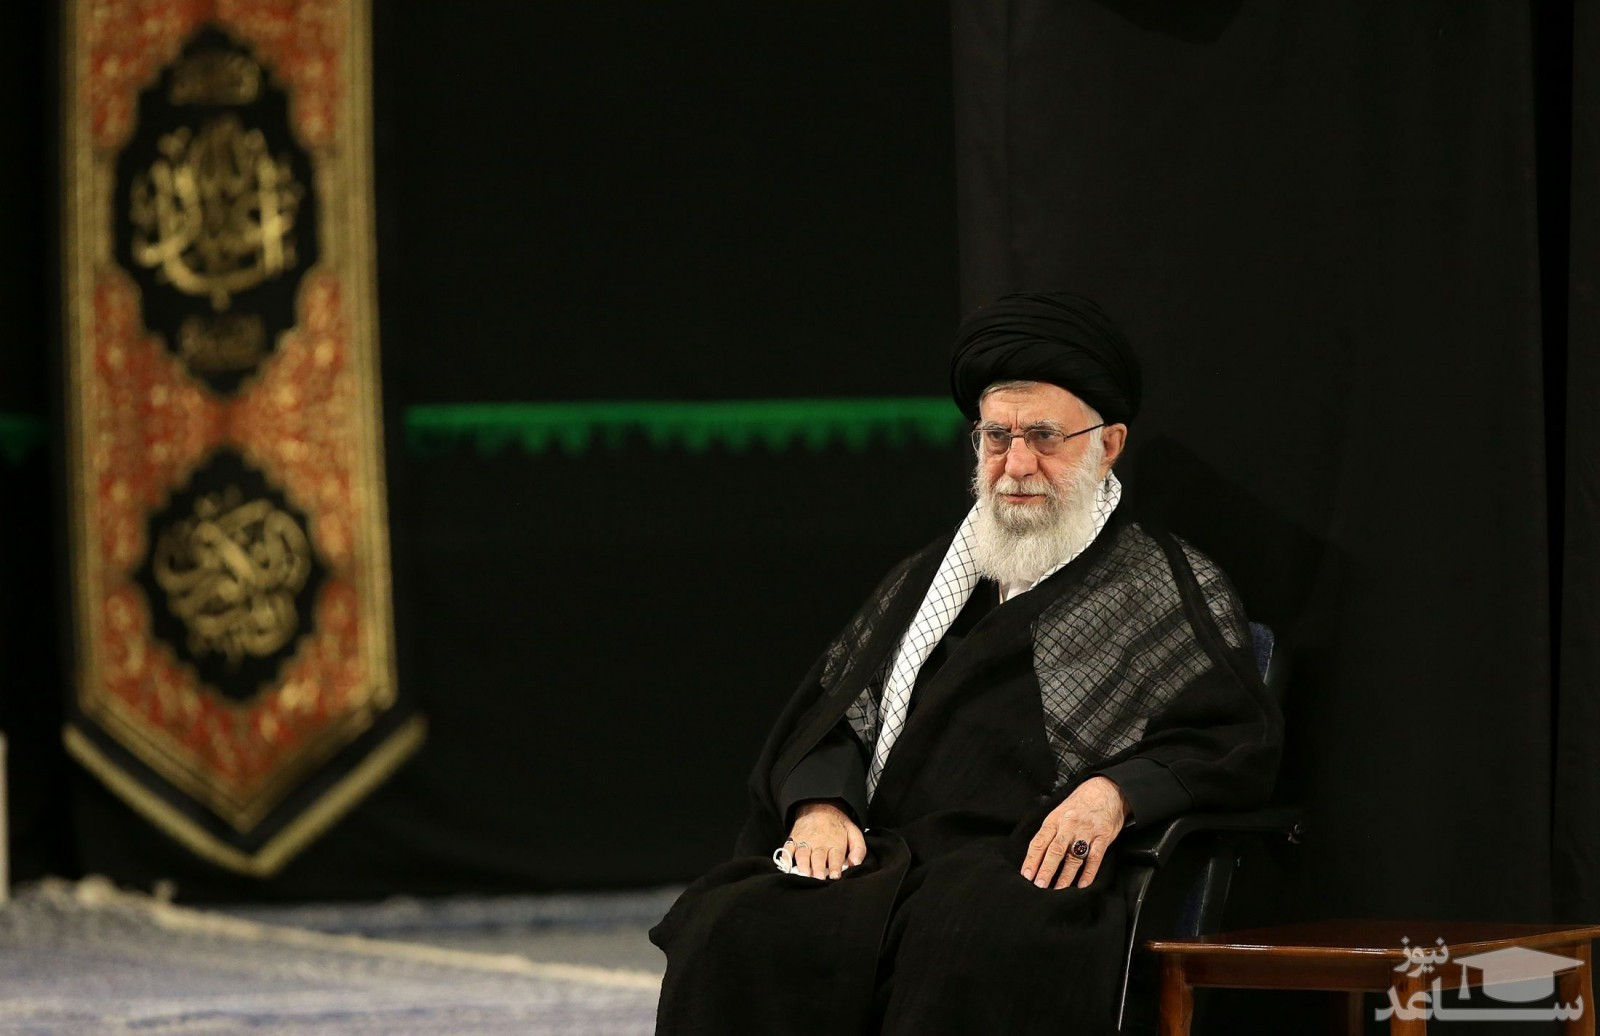 اطلاعیه دفتر رهبر انقلاب درباره برگزاری مراسم عزاداری ایام فاطمیه (س)